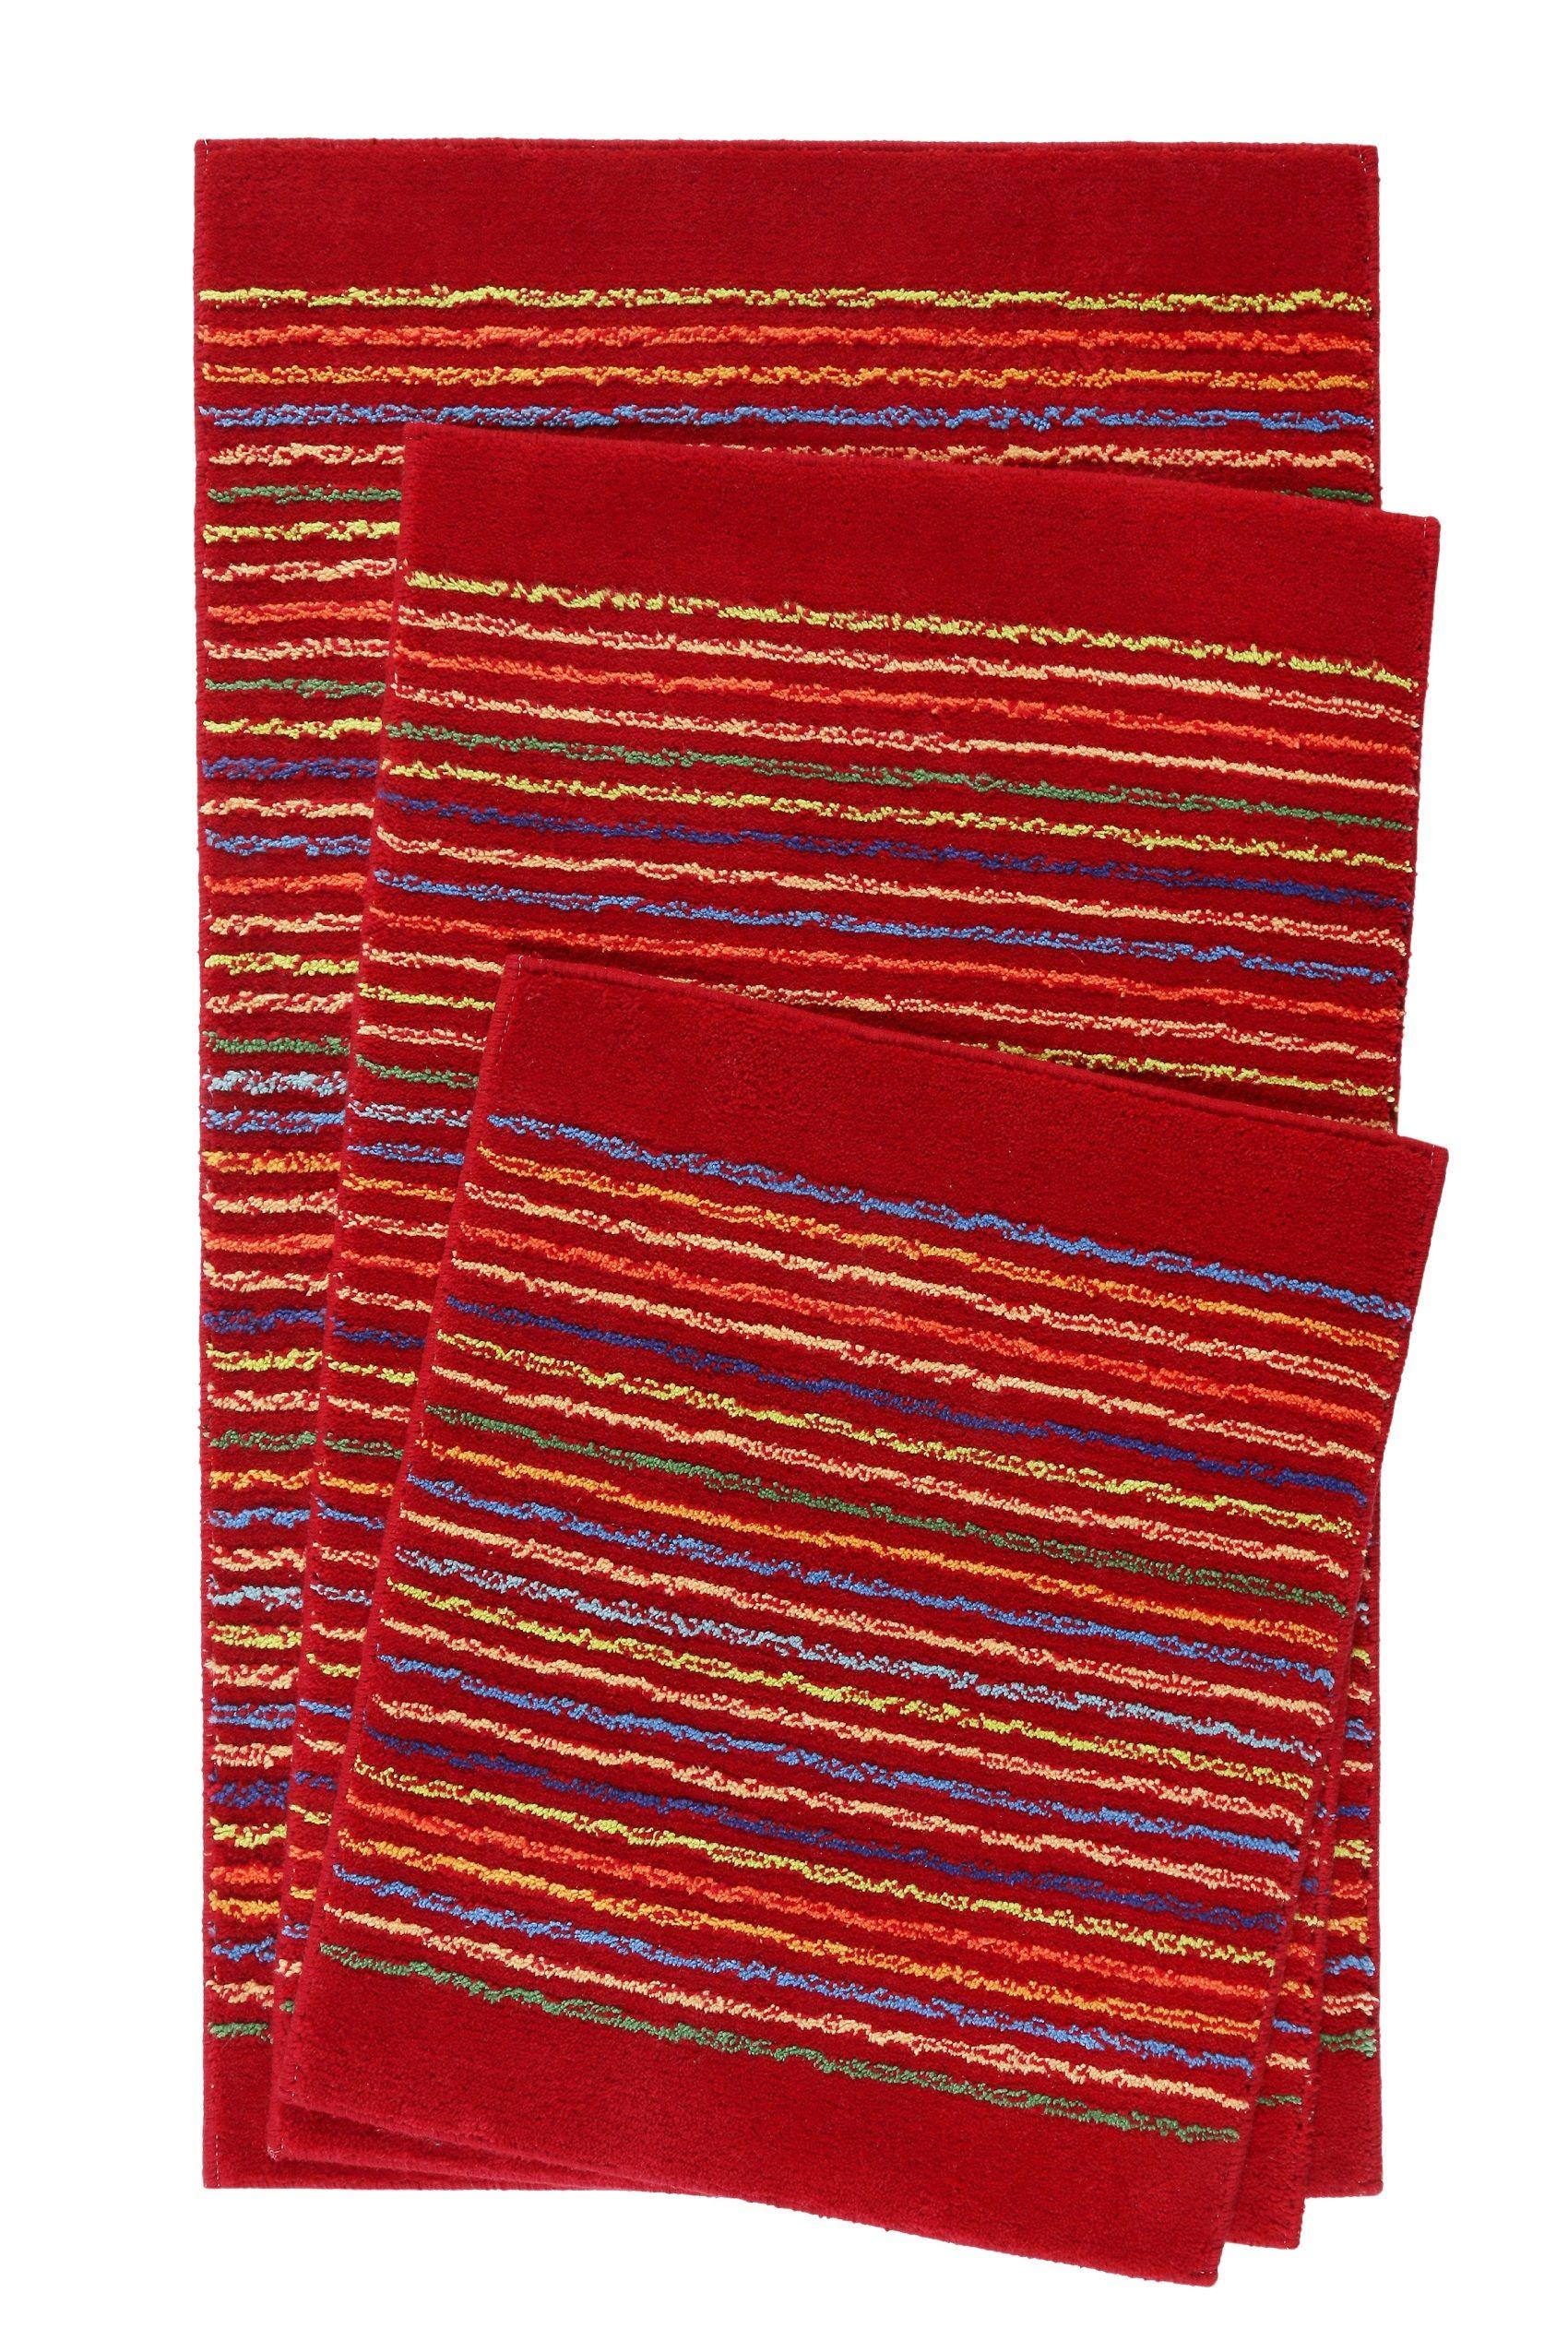 Esprit Badteppich Rot Cool Stripes Badteppich Badematten Set Badezimmerteppich